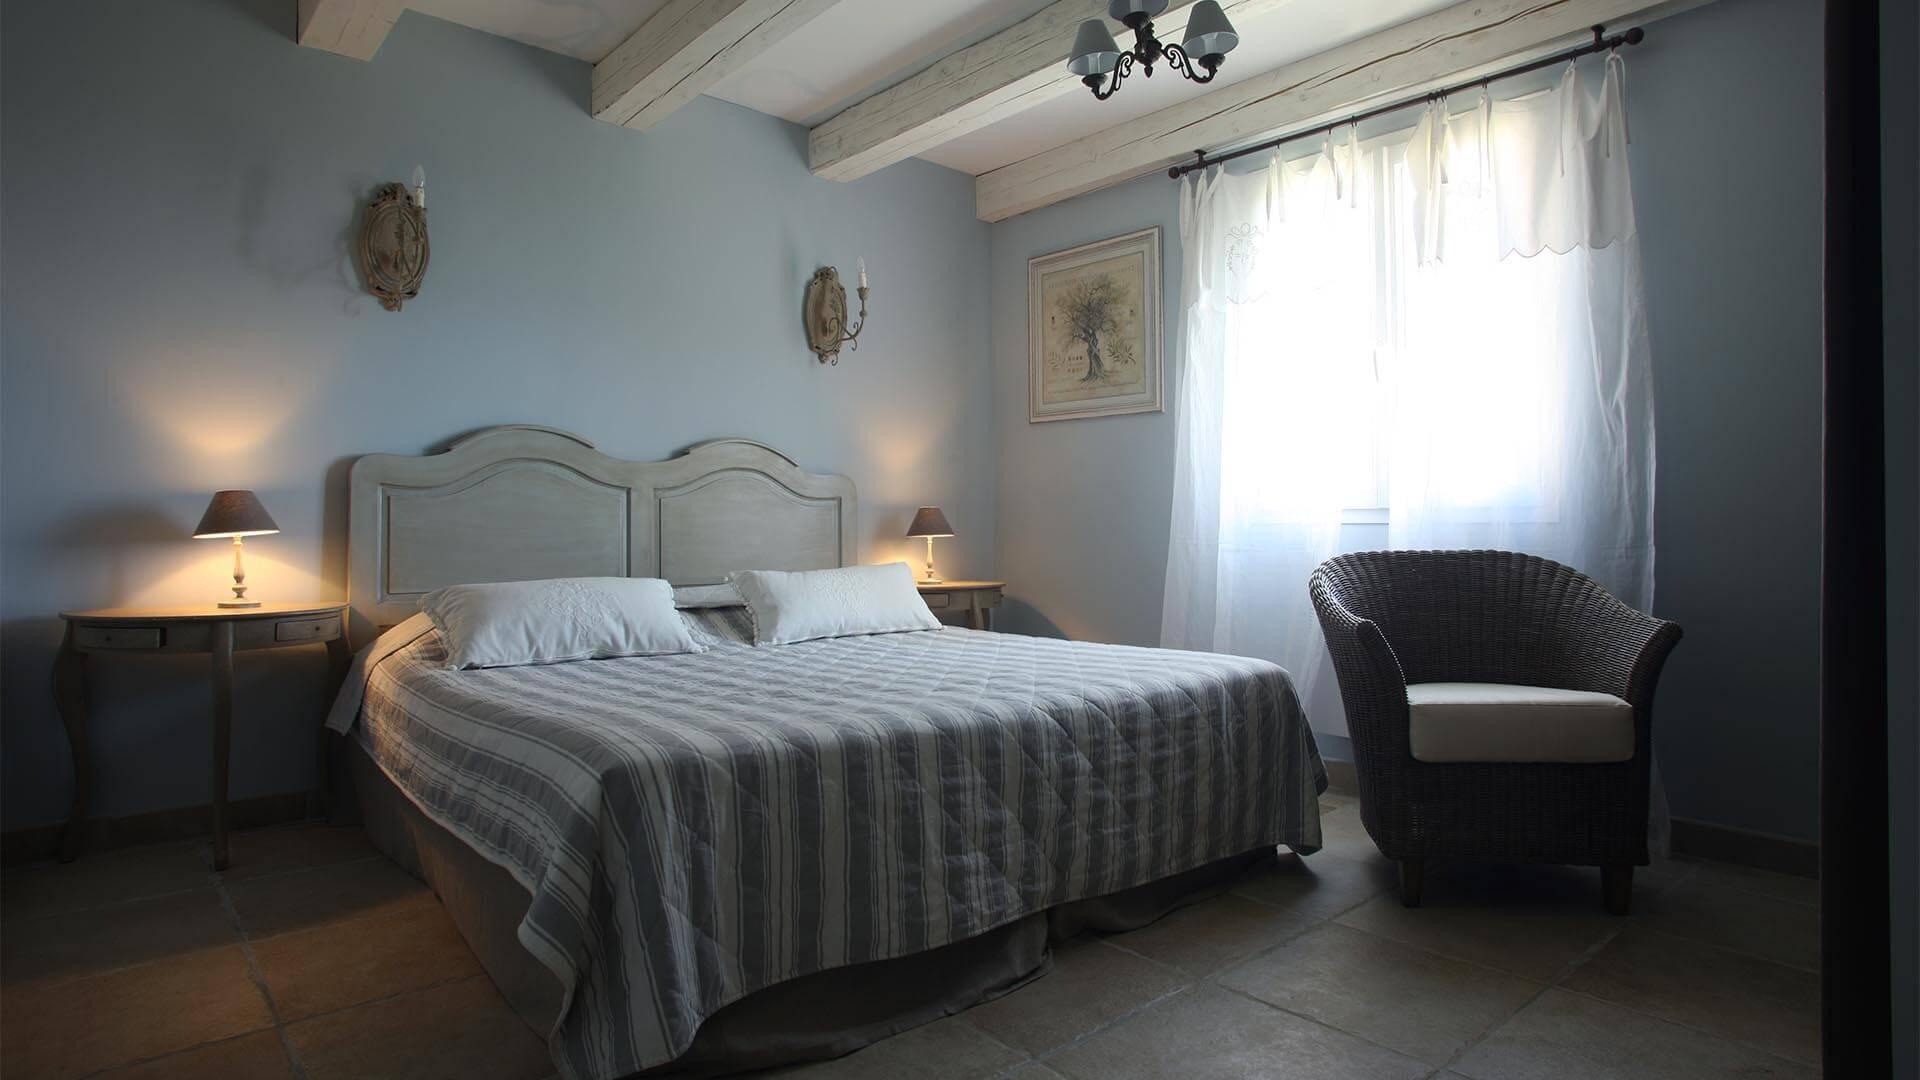 Location vacances Forcalquier | Villa le mûrier blanc | Chambre lit double